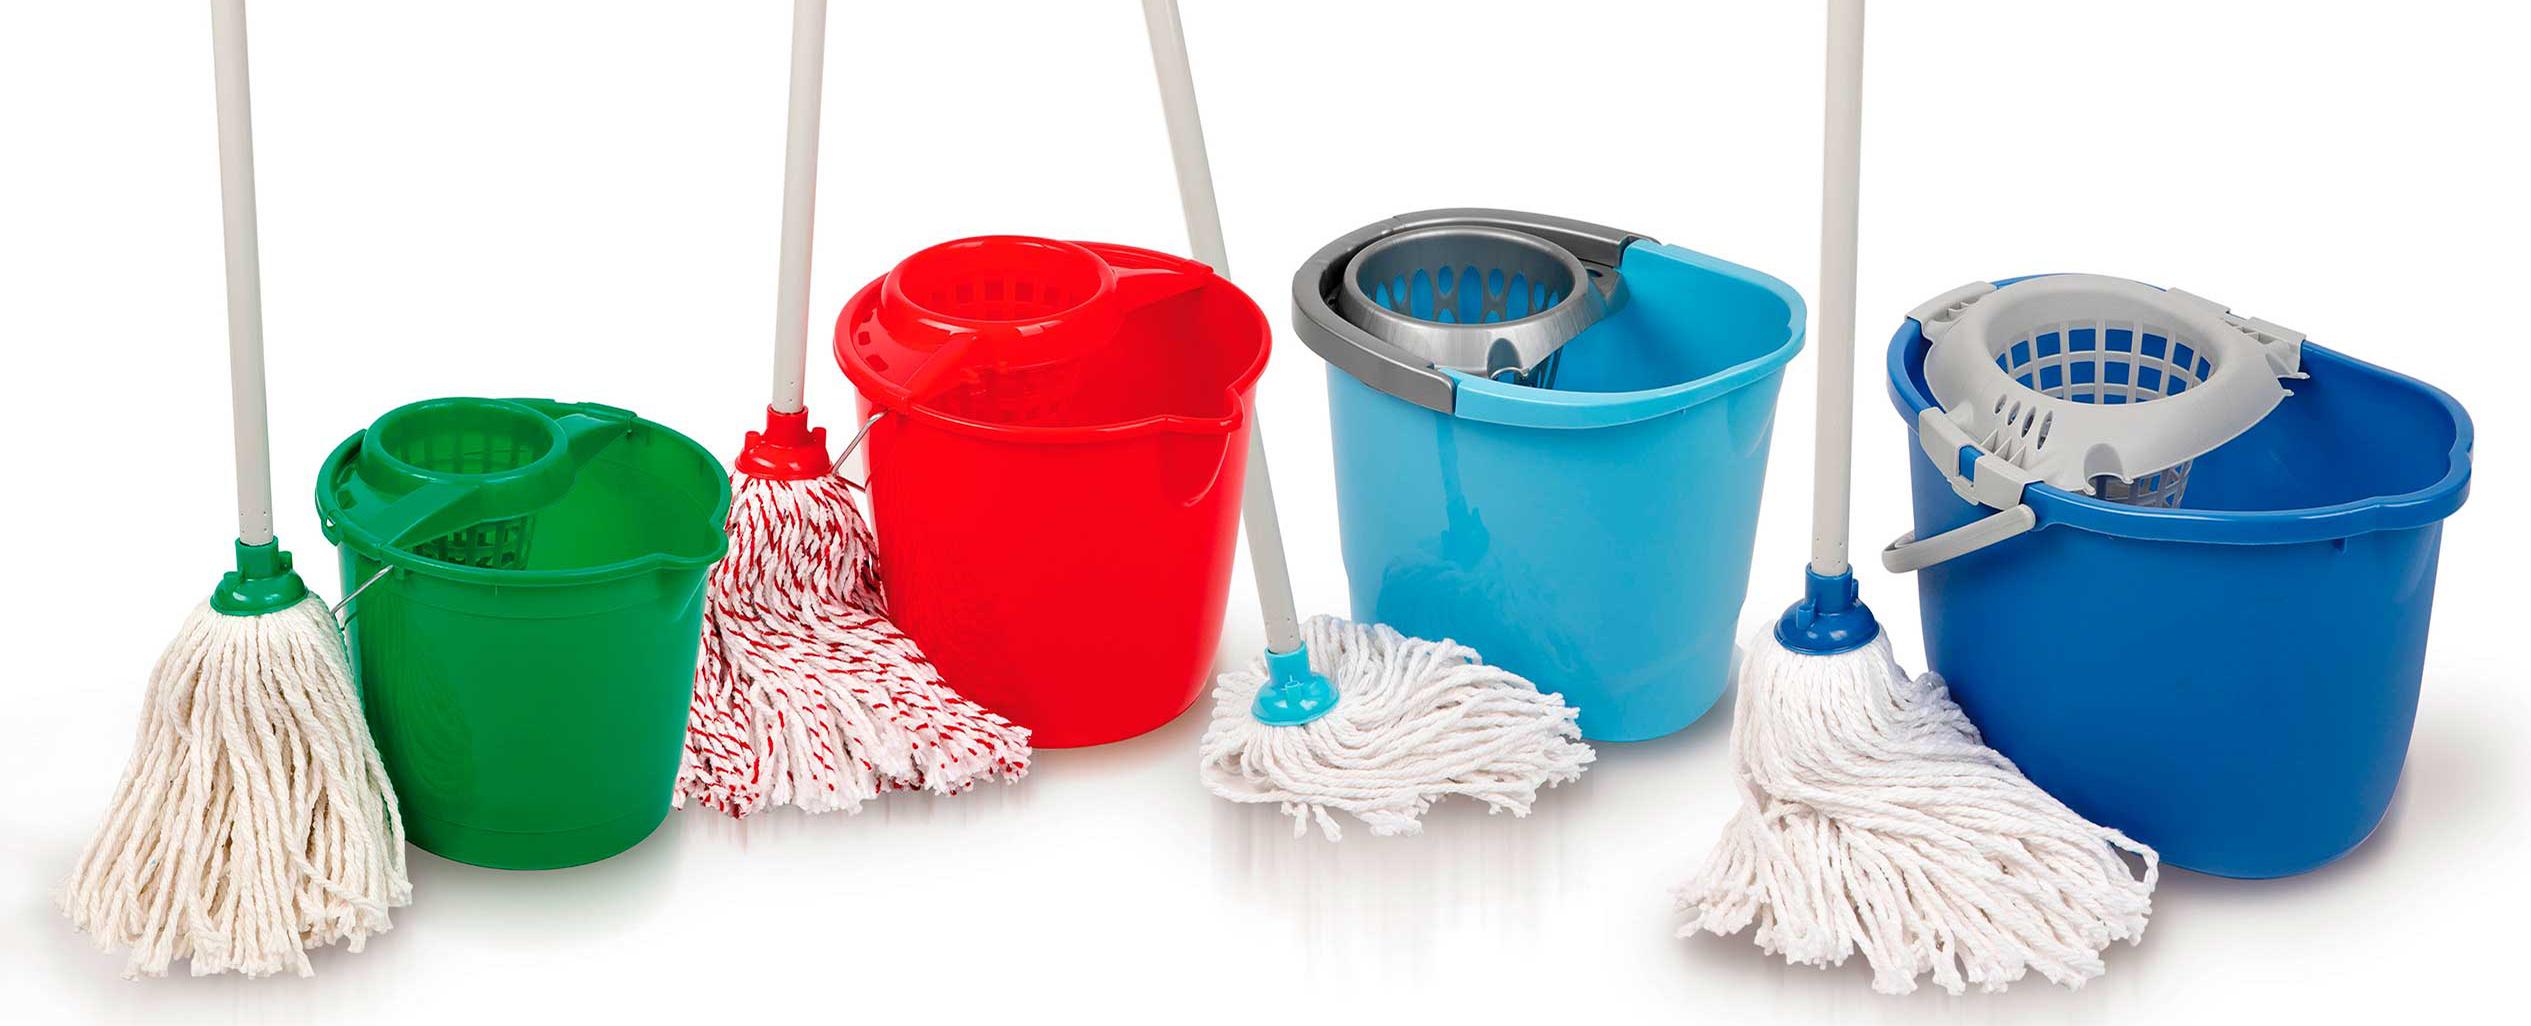 Innovazione in accessori per la pulizia della casa la for Accessori per la casa economici